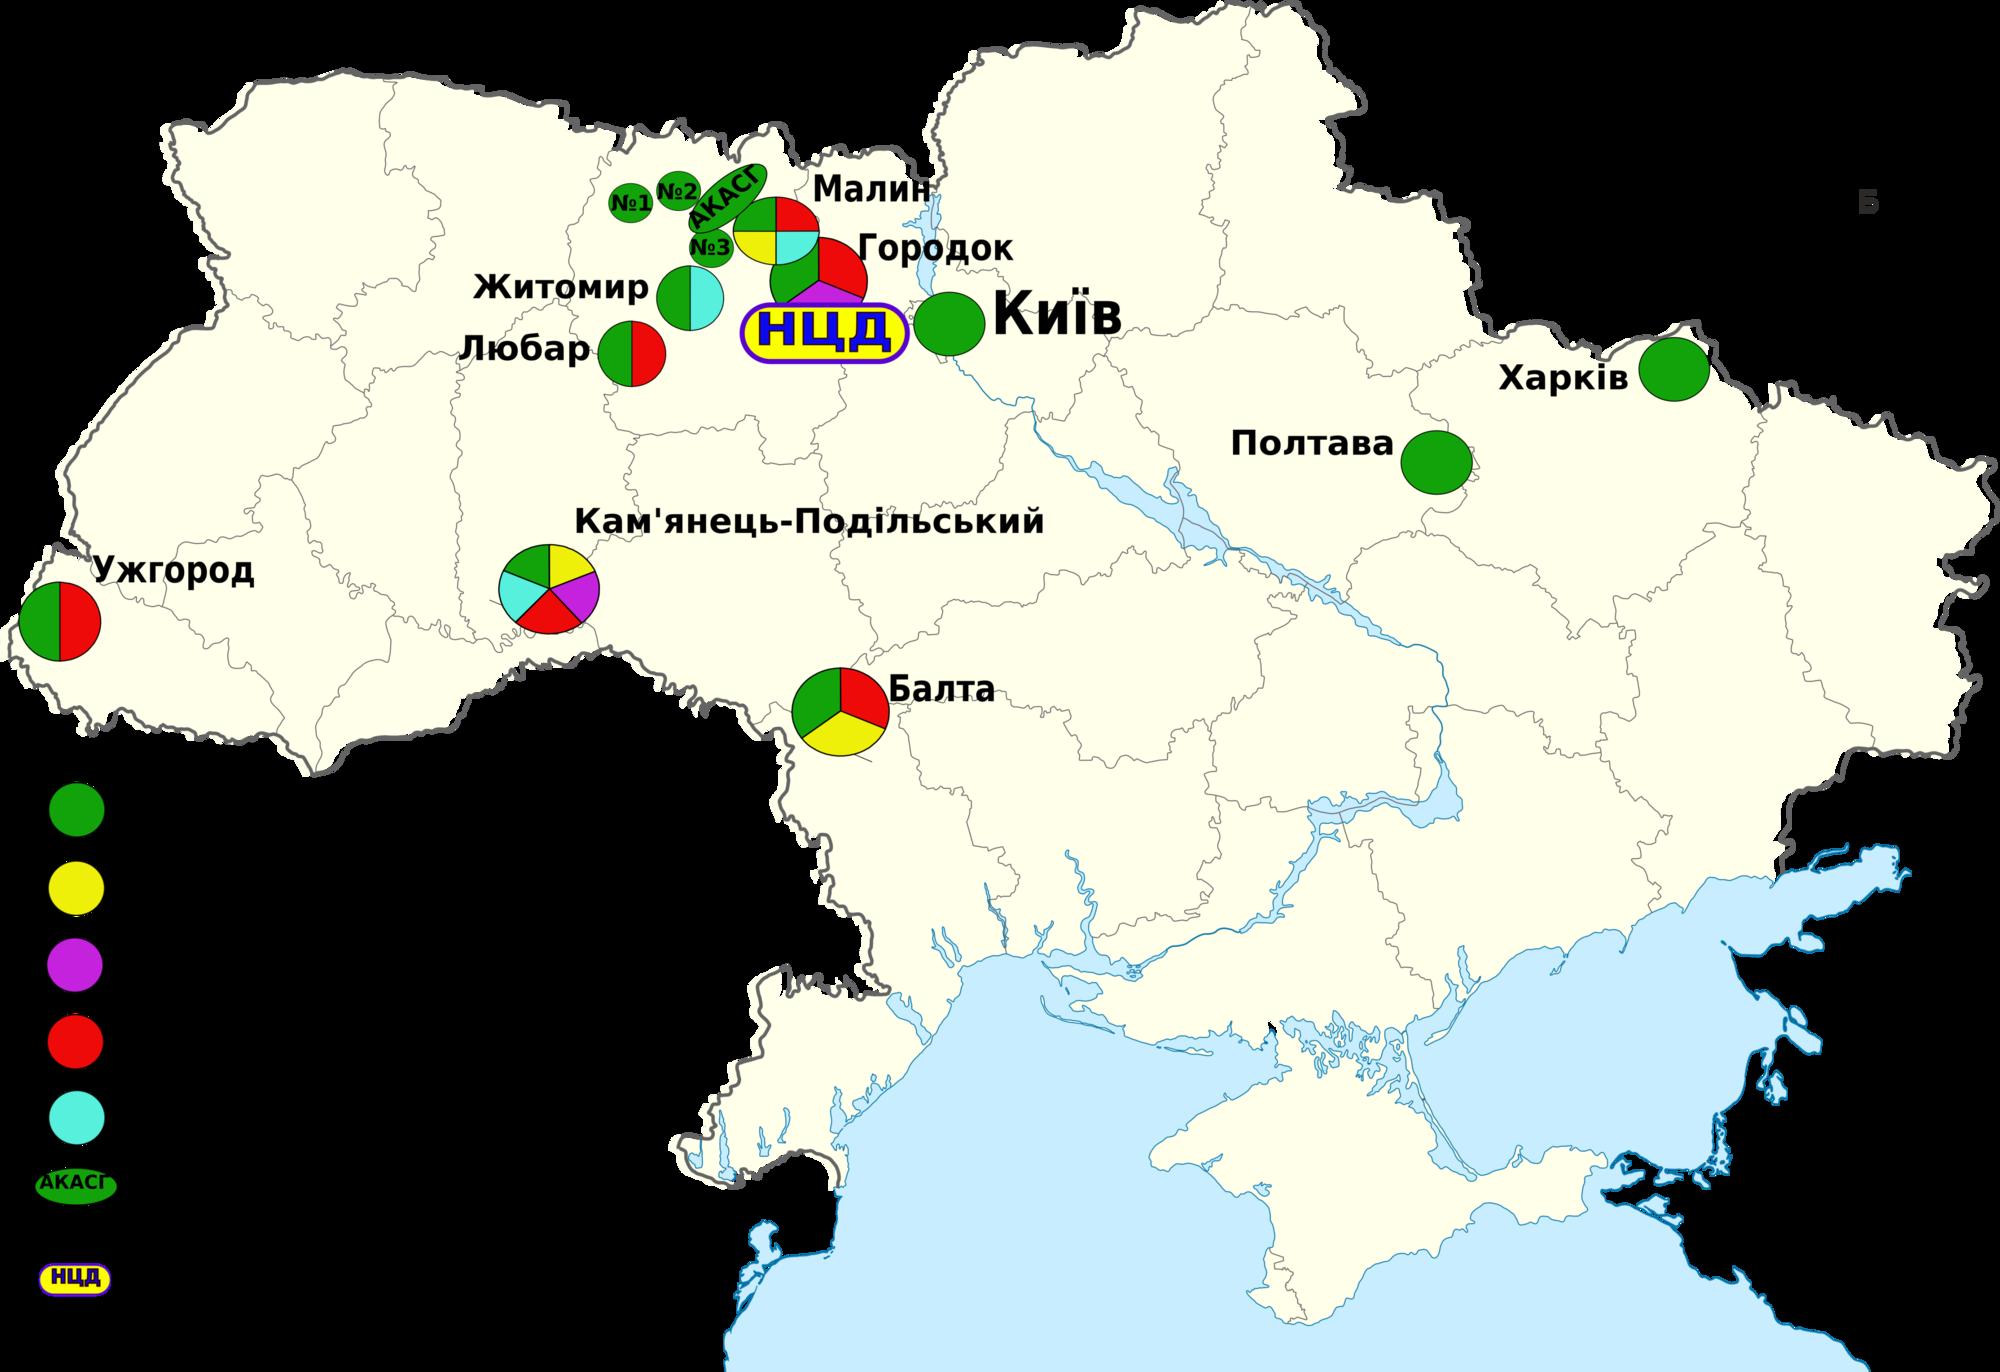 карта пунктов наблюдения ГЦСК